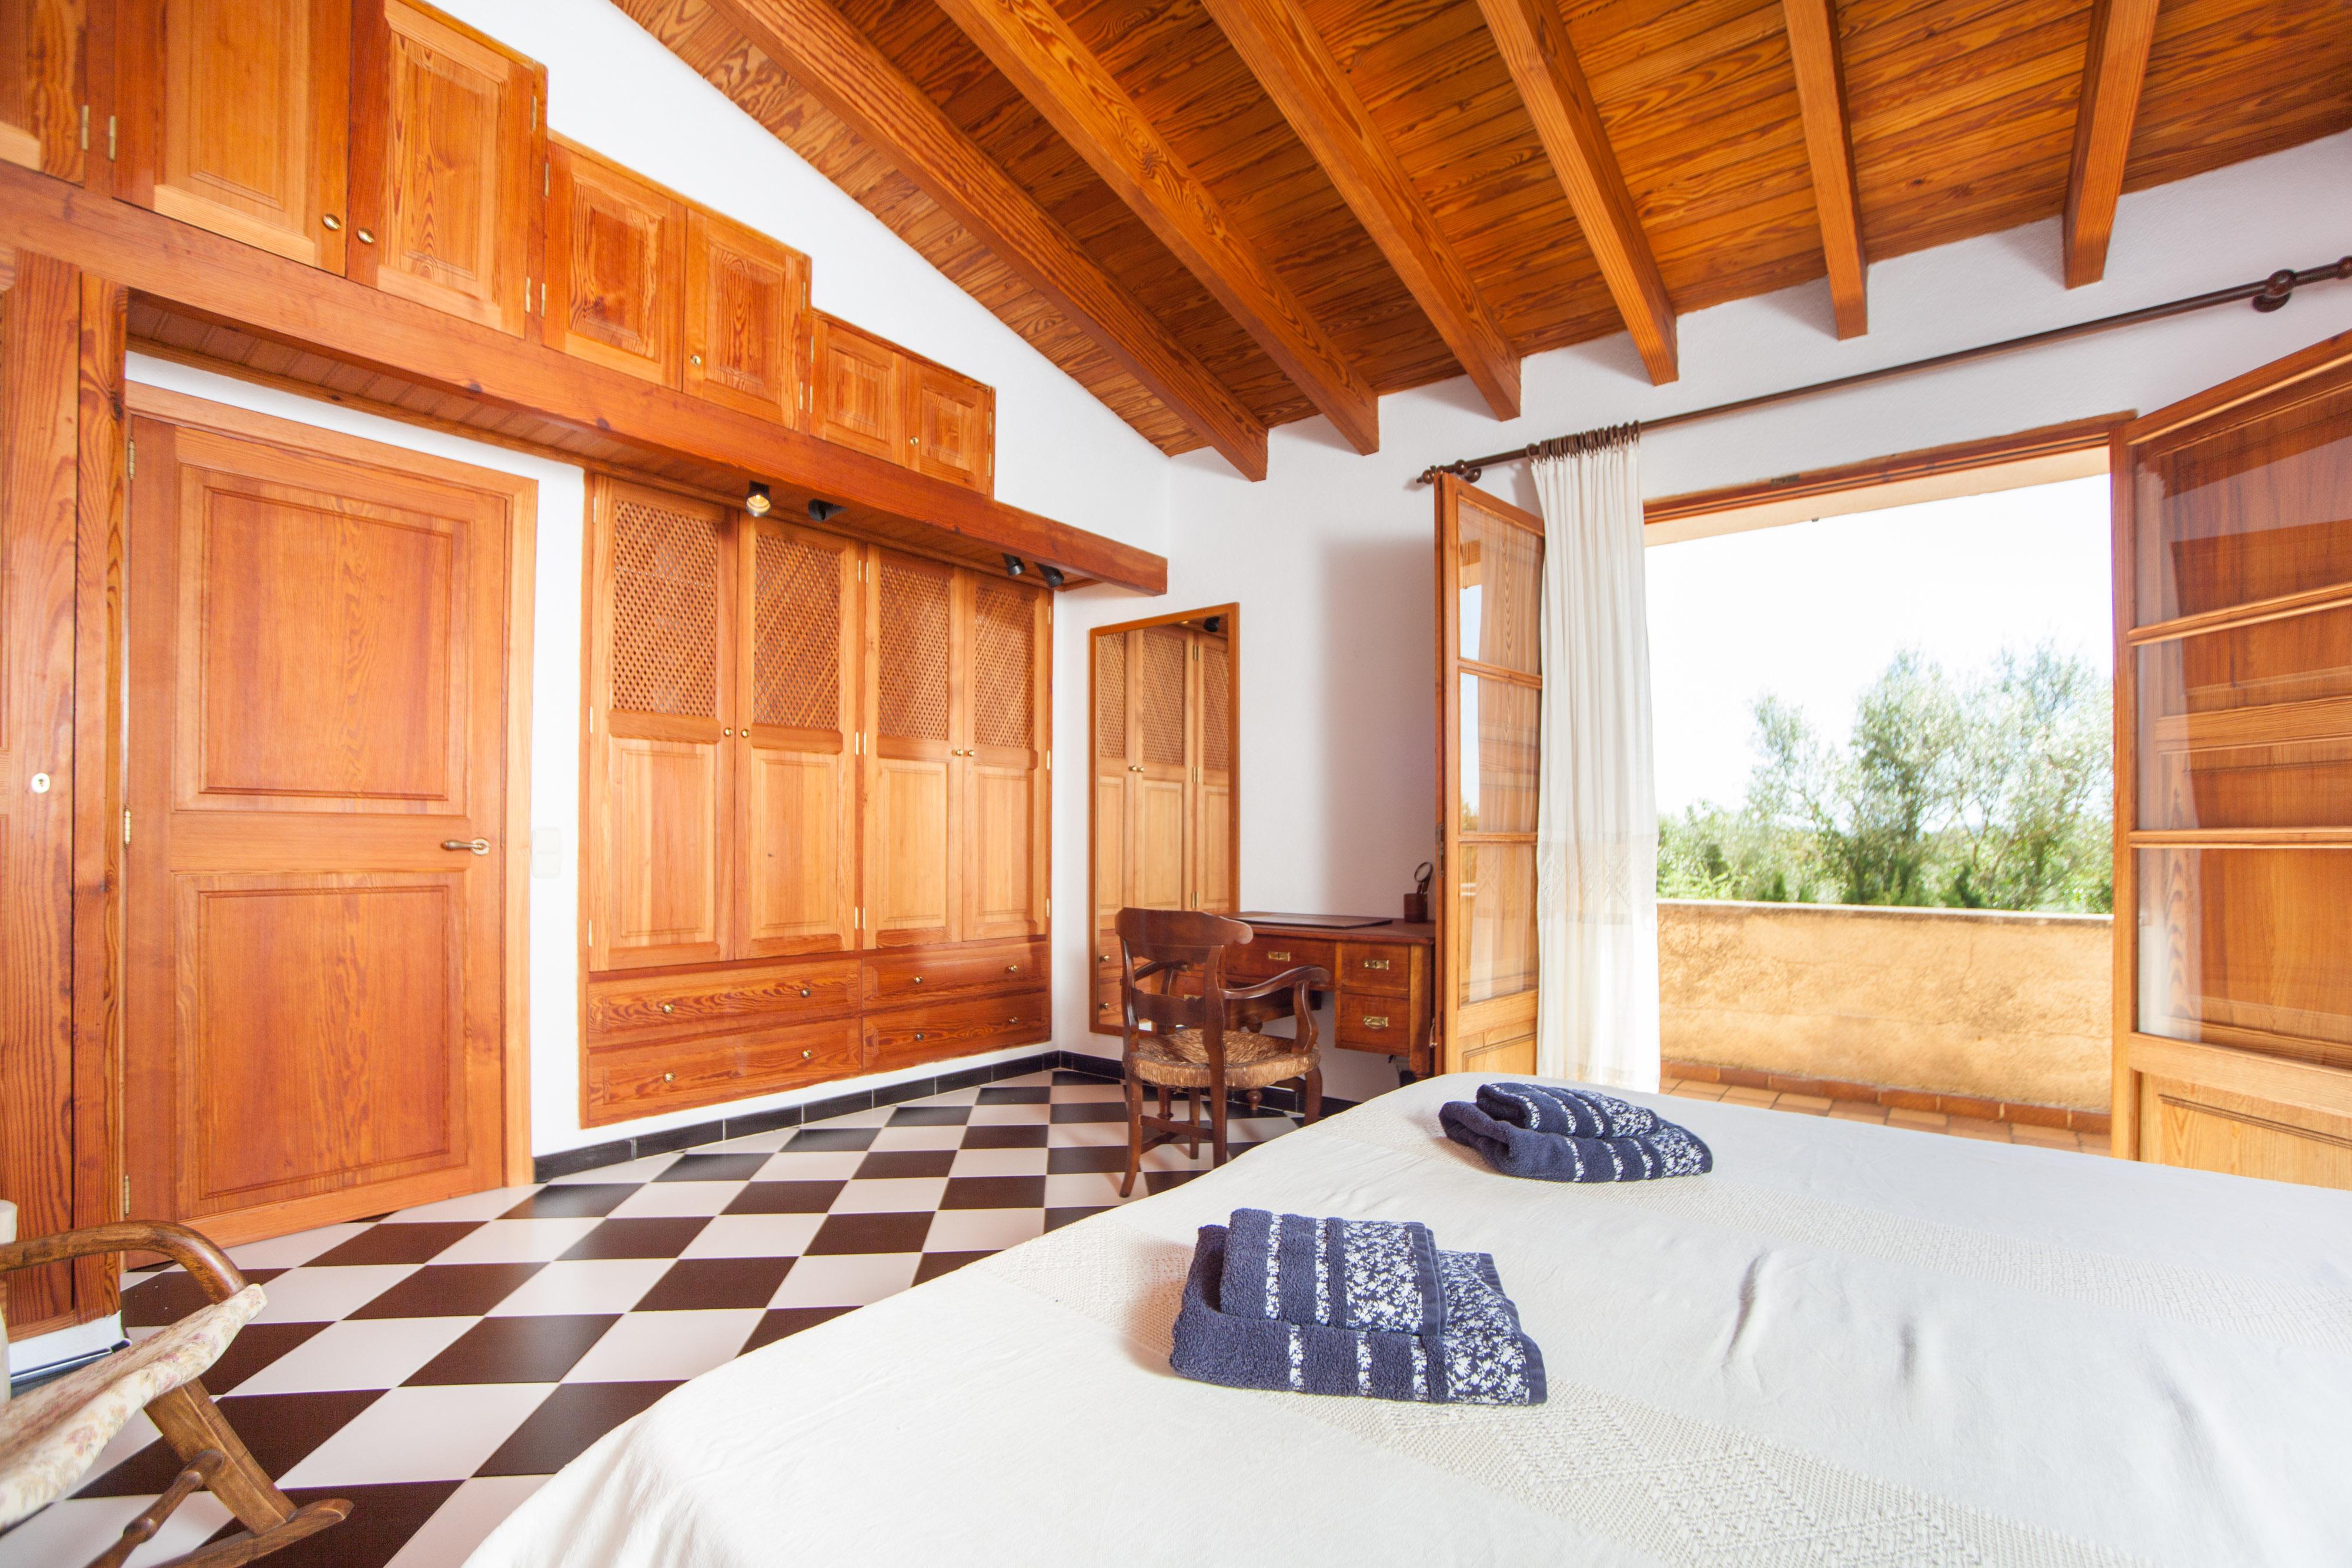 Ferienhaus SOS MONJOS (2177982), Arta, Mallorca, Balearische Inseln, Spanien, Bild 25